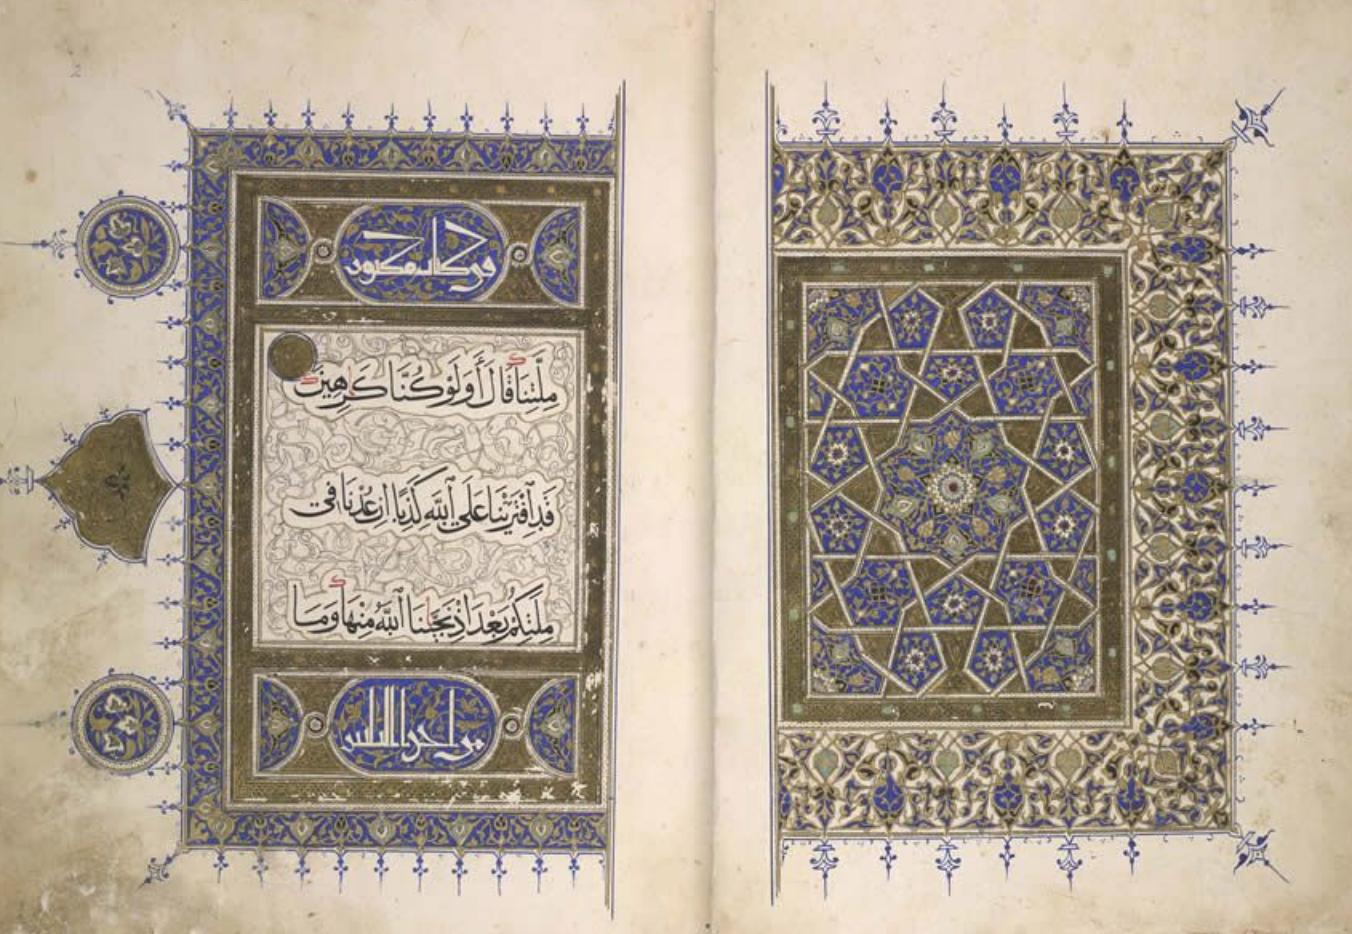 Mamluk Quran illuminated